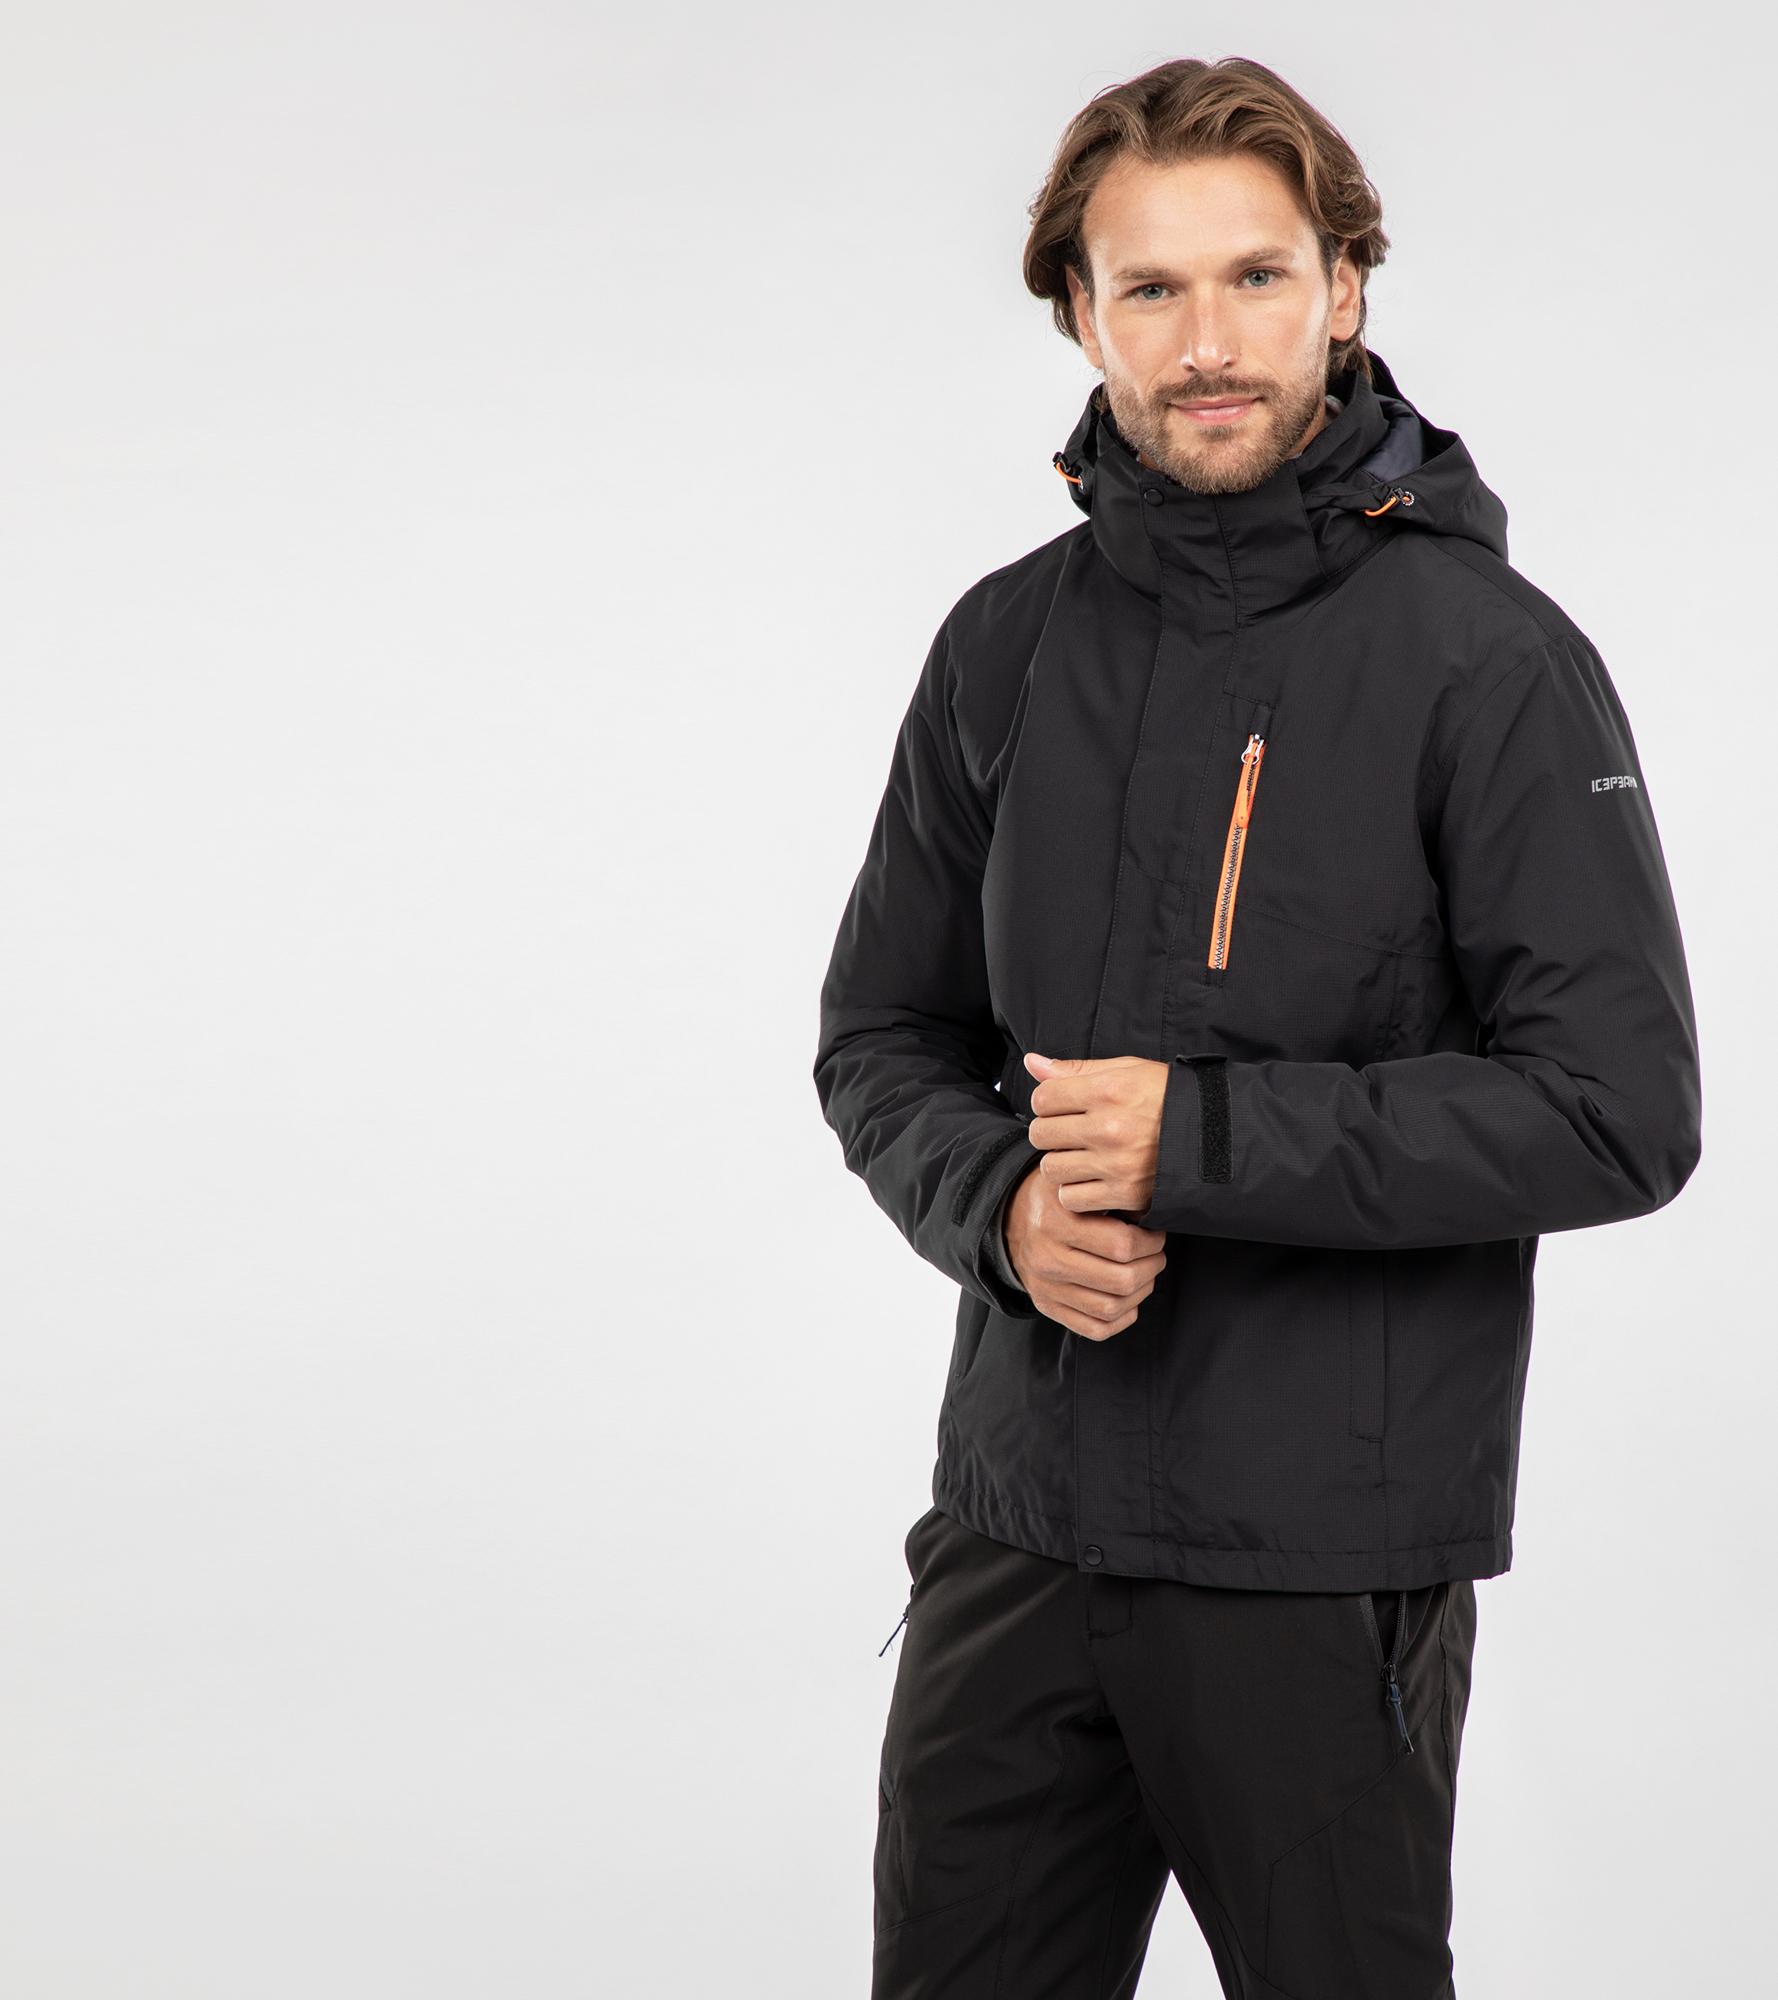 IcePeak Куртка утепленная мужская IcePeak Baker, размер 54 цены онлайн